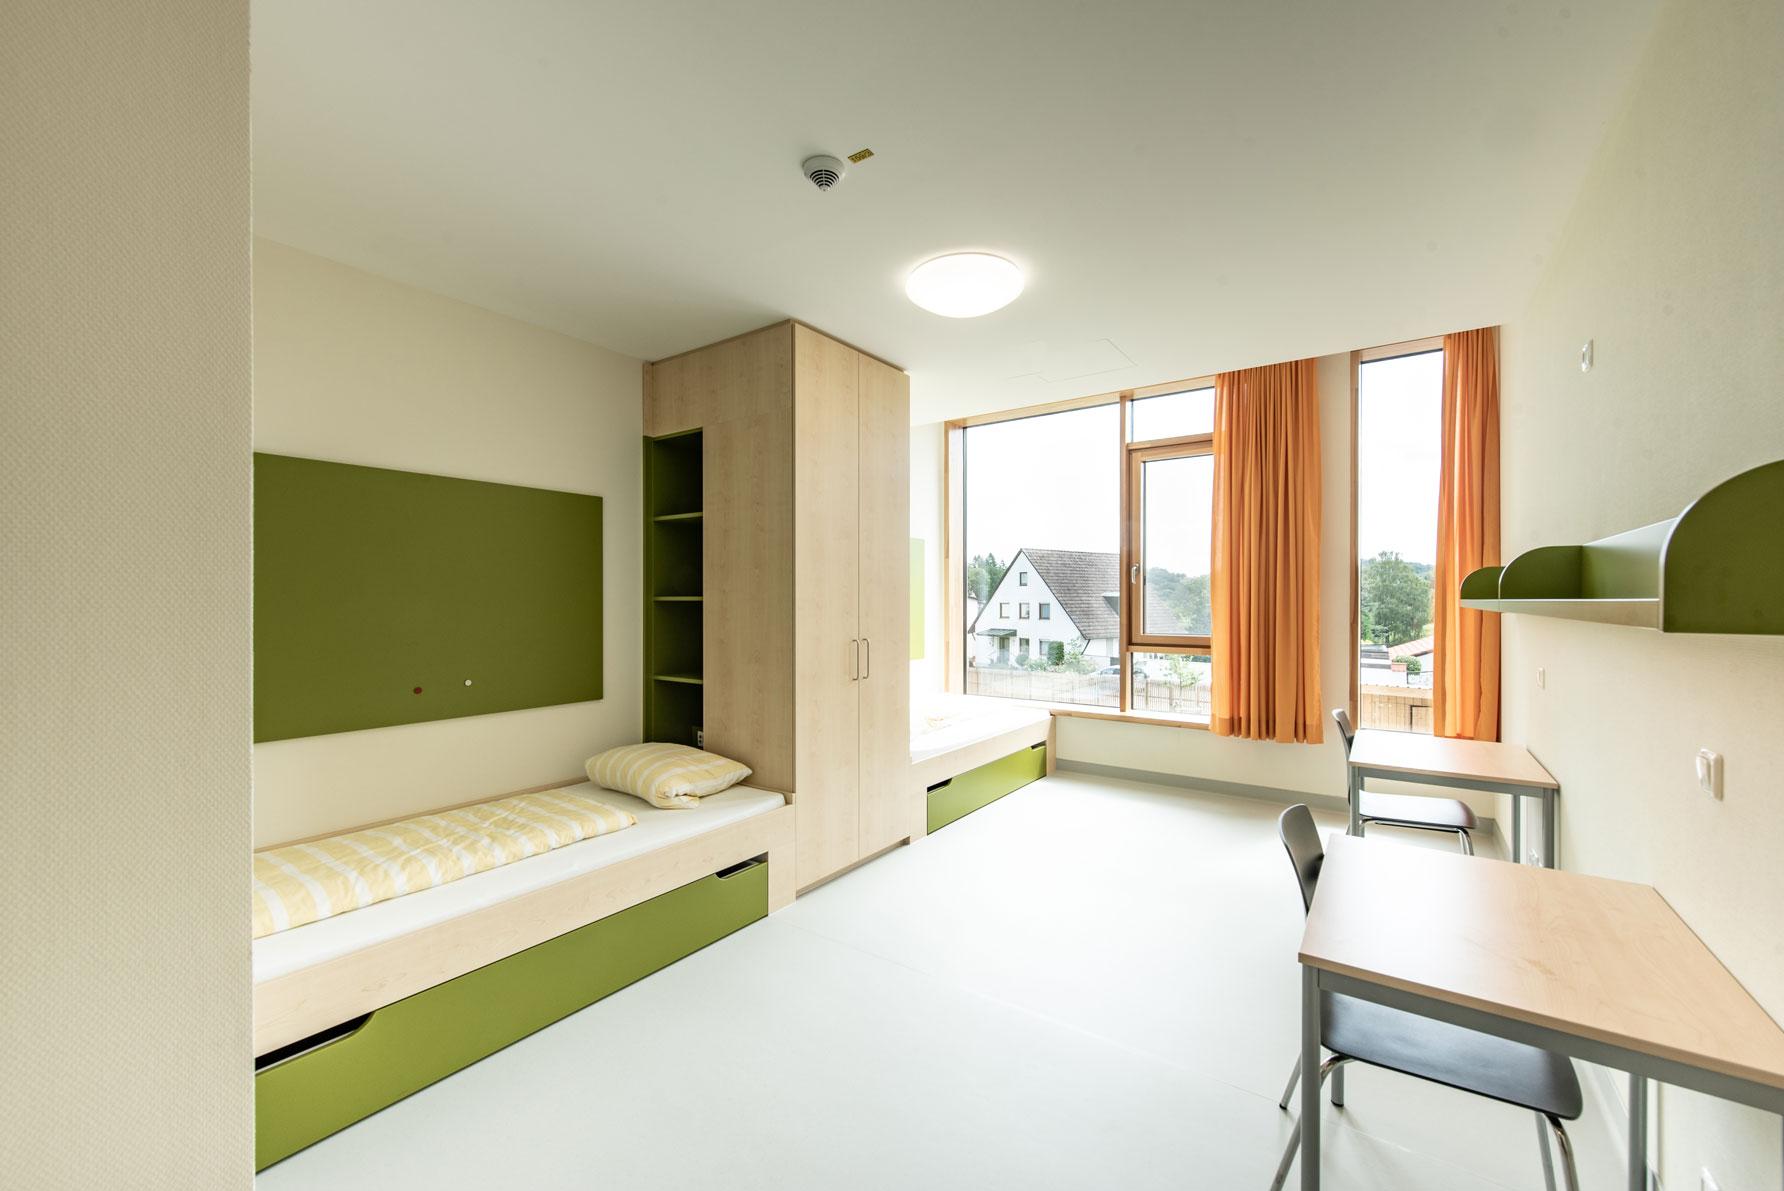 Psychosomatik Kinderkrankenhaus St. Marien - Zweibettzimmer